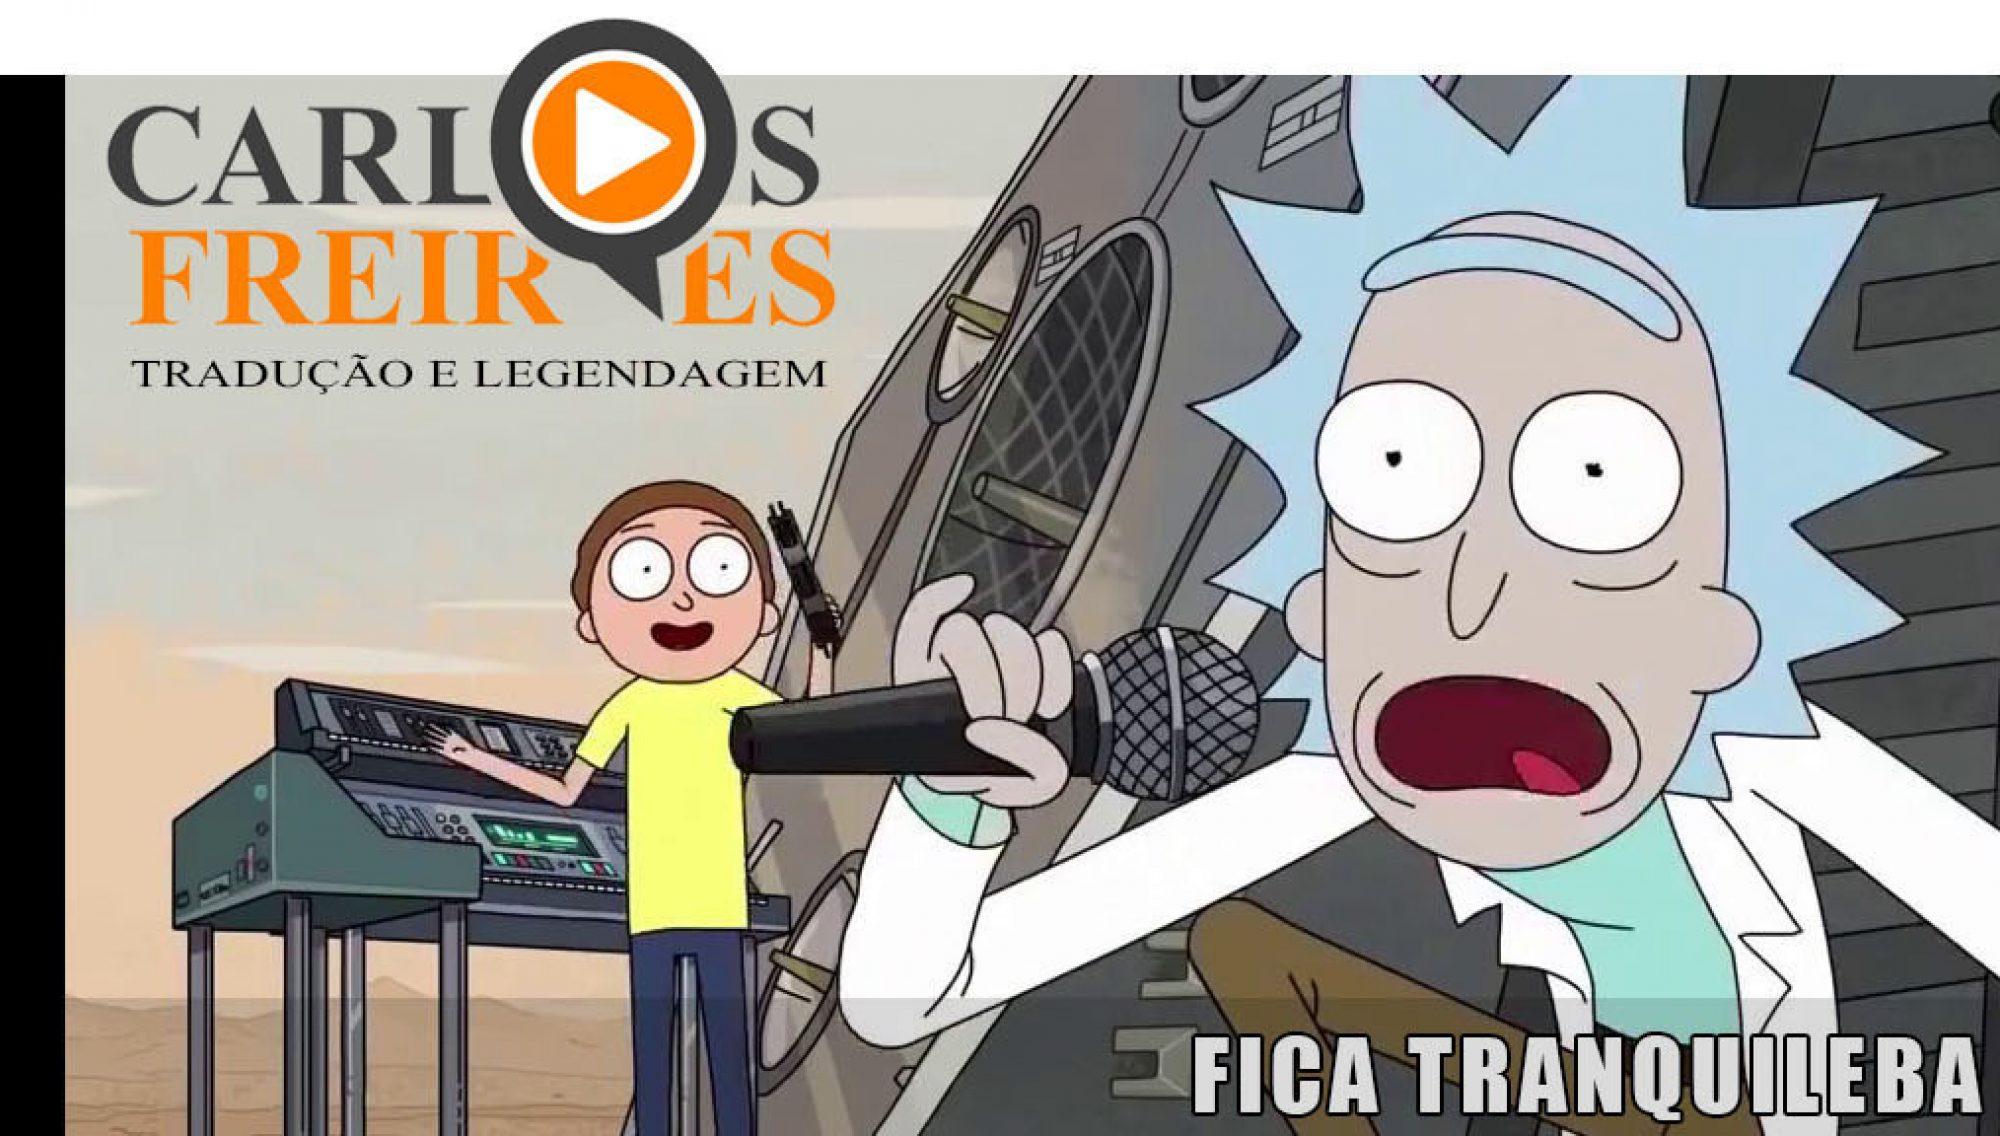 Carlos Freires Tradução e Legendagem